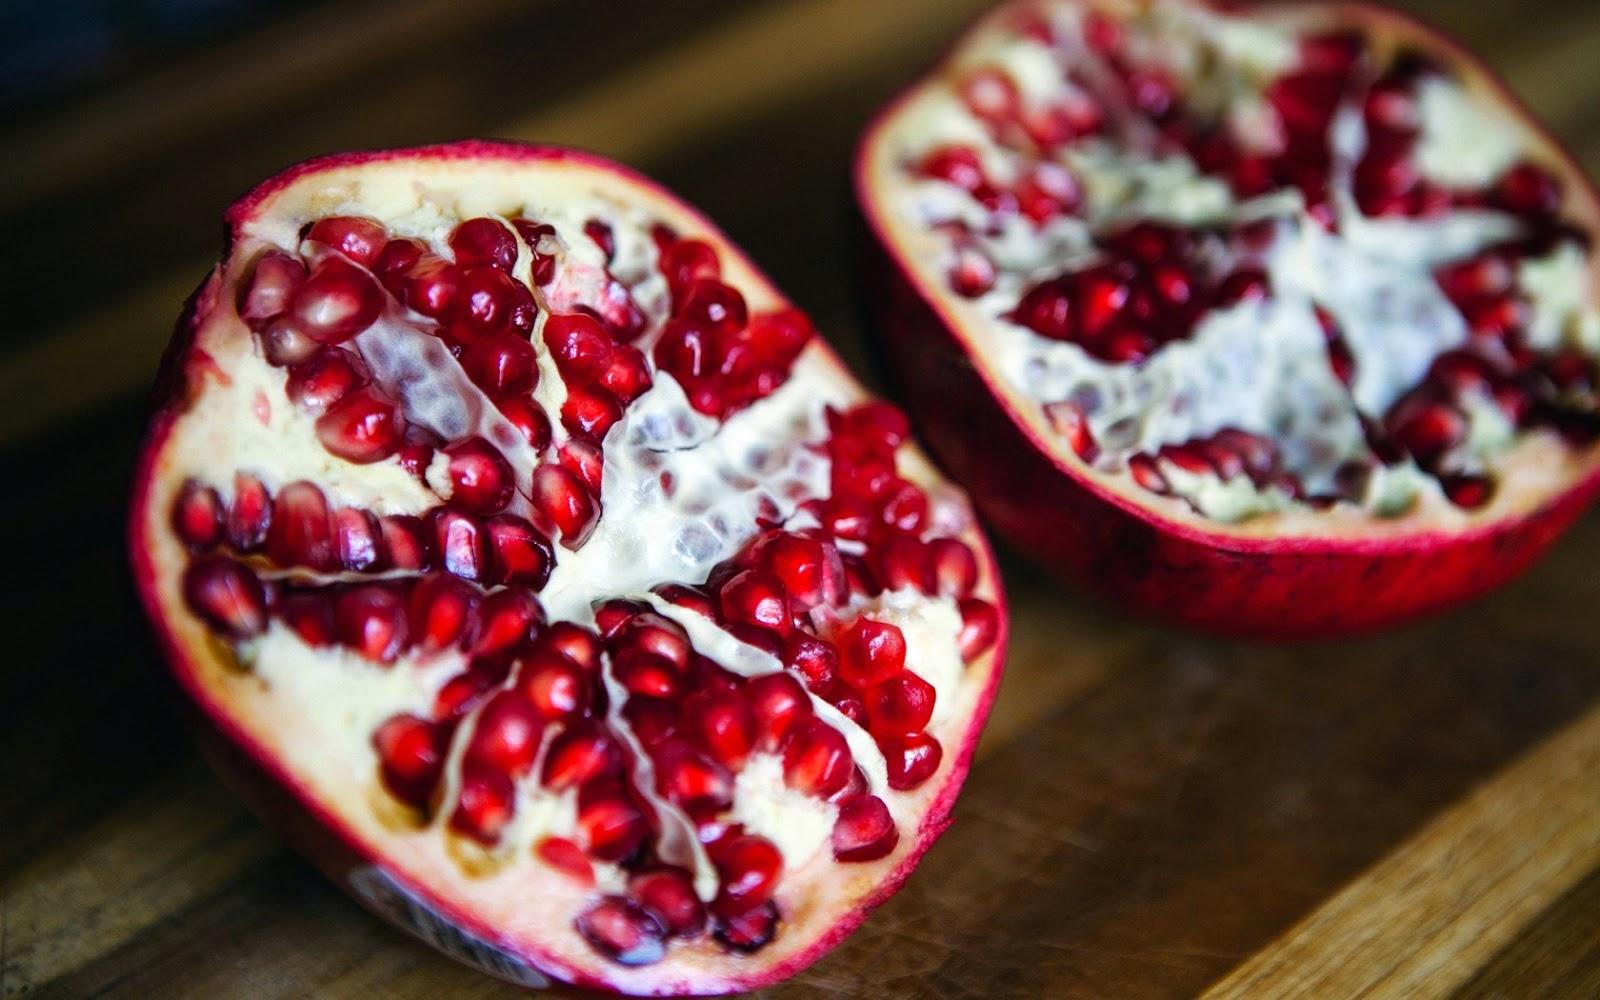 Bloody Mary — wir trocken oftaus